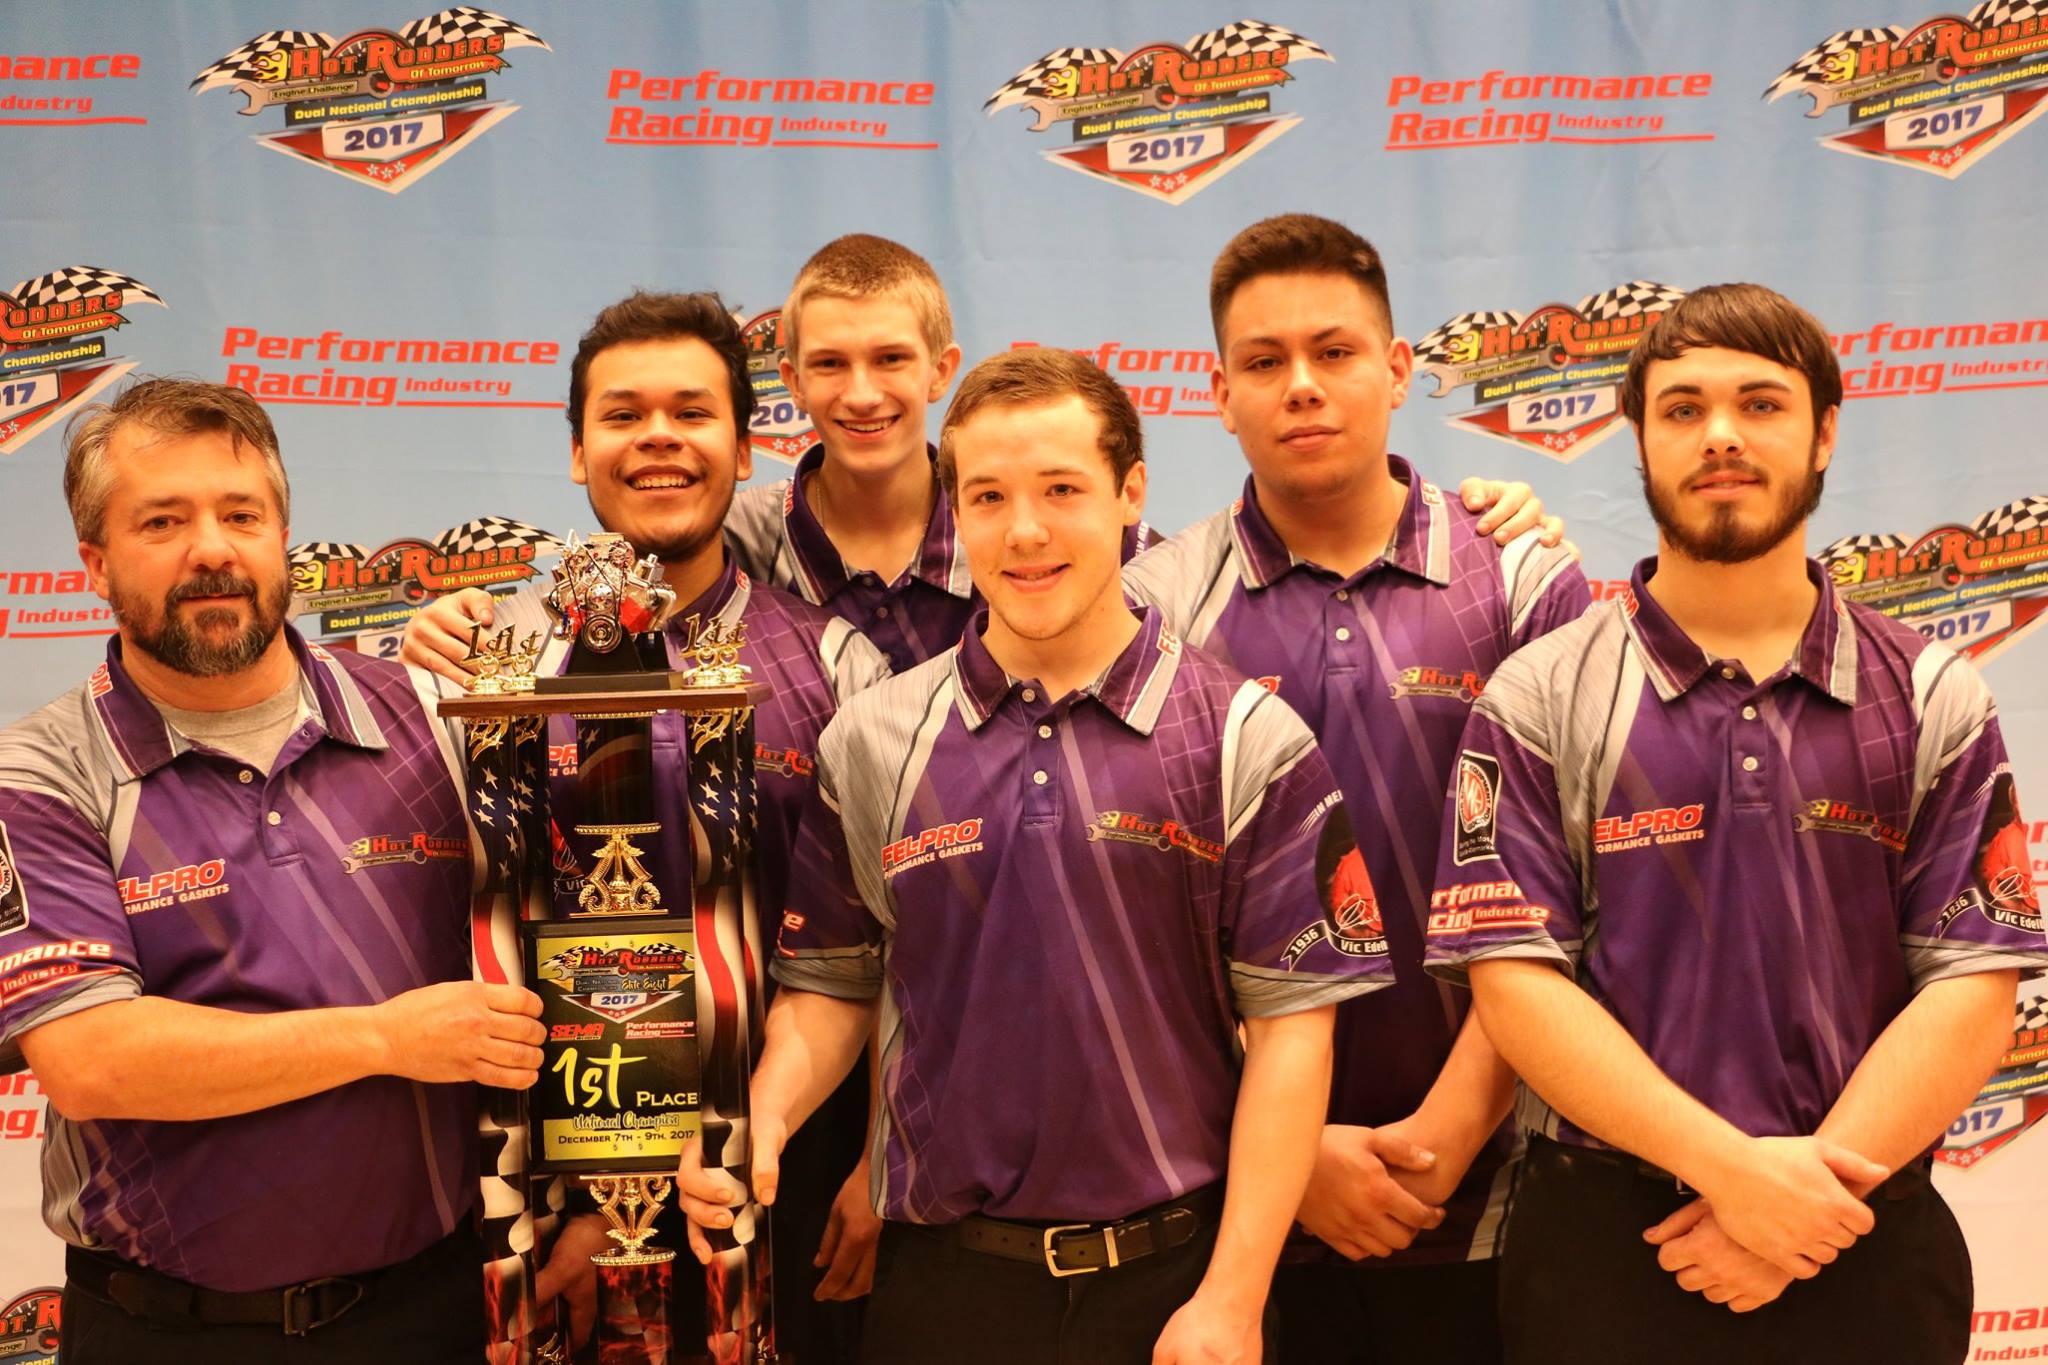 Team Fel-Pro from Tulsa Technology Center in Broken Arrow, Oklahoma